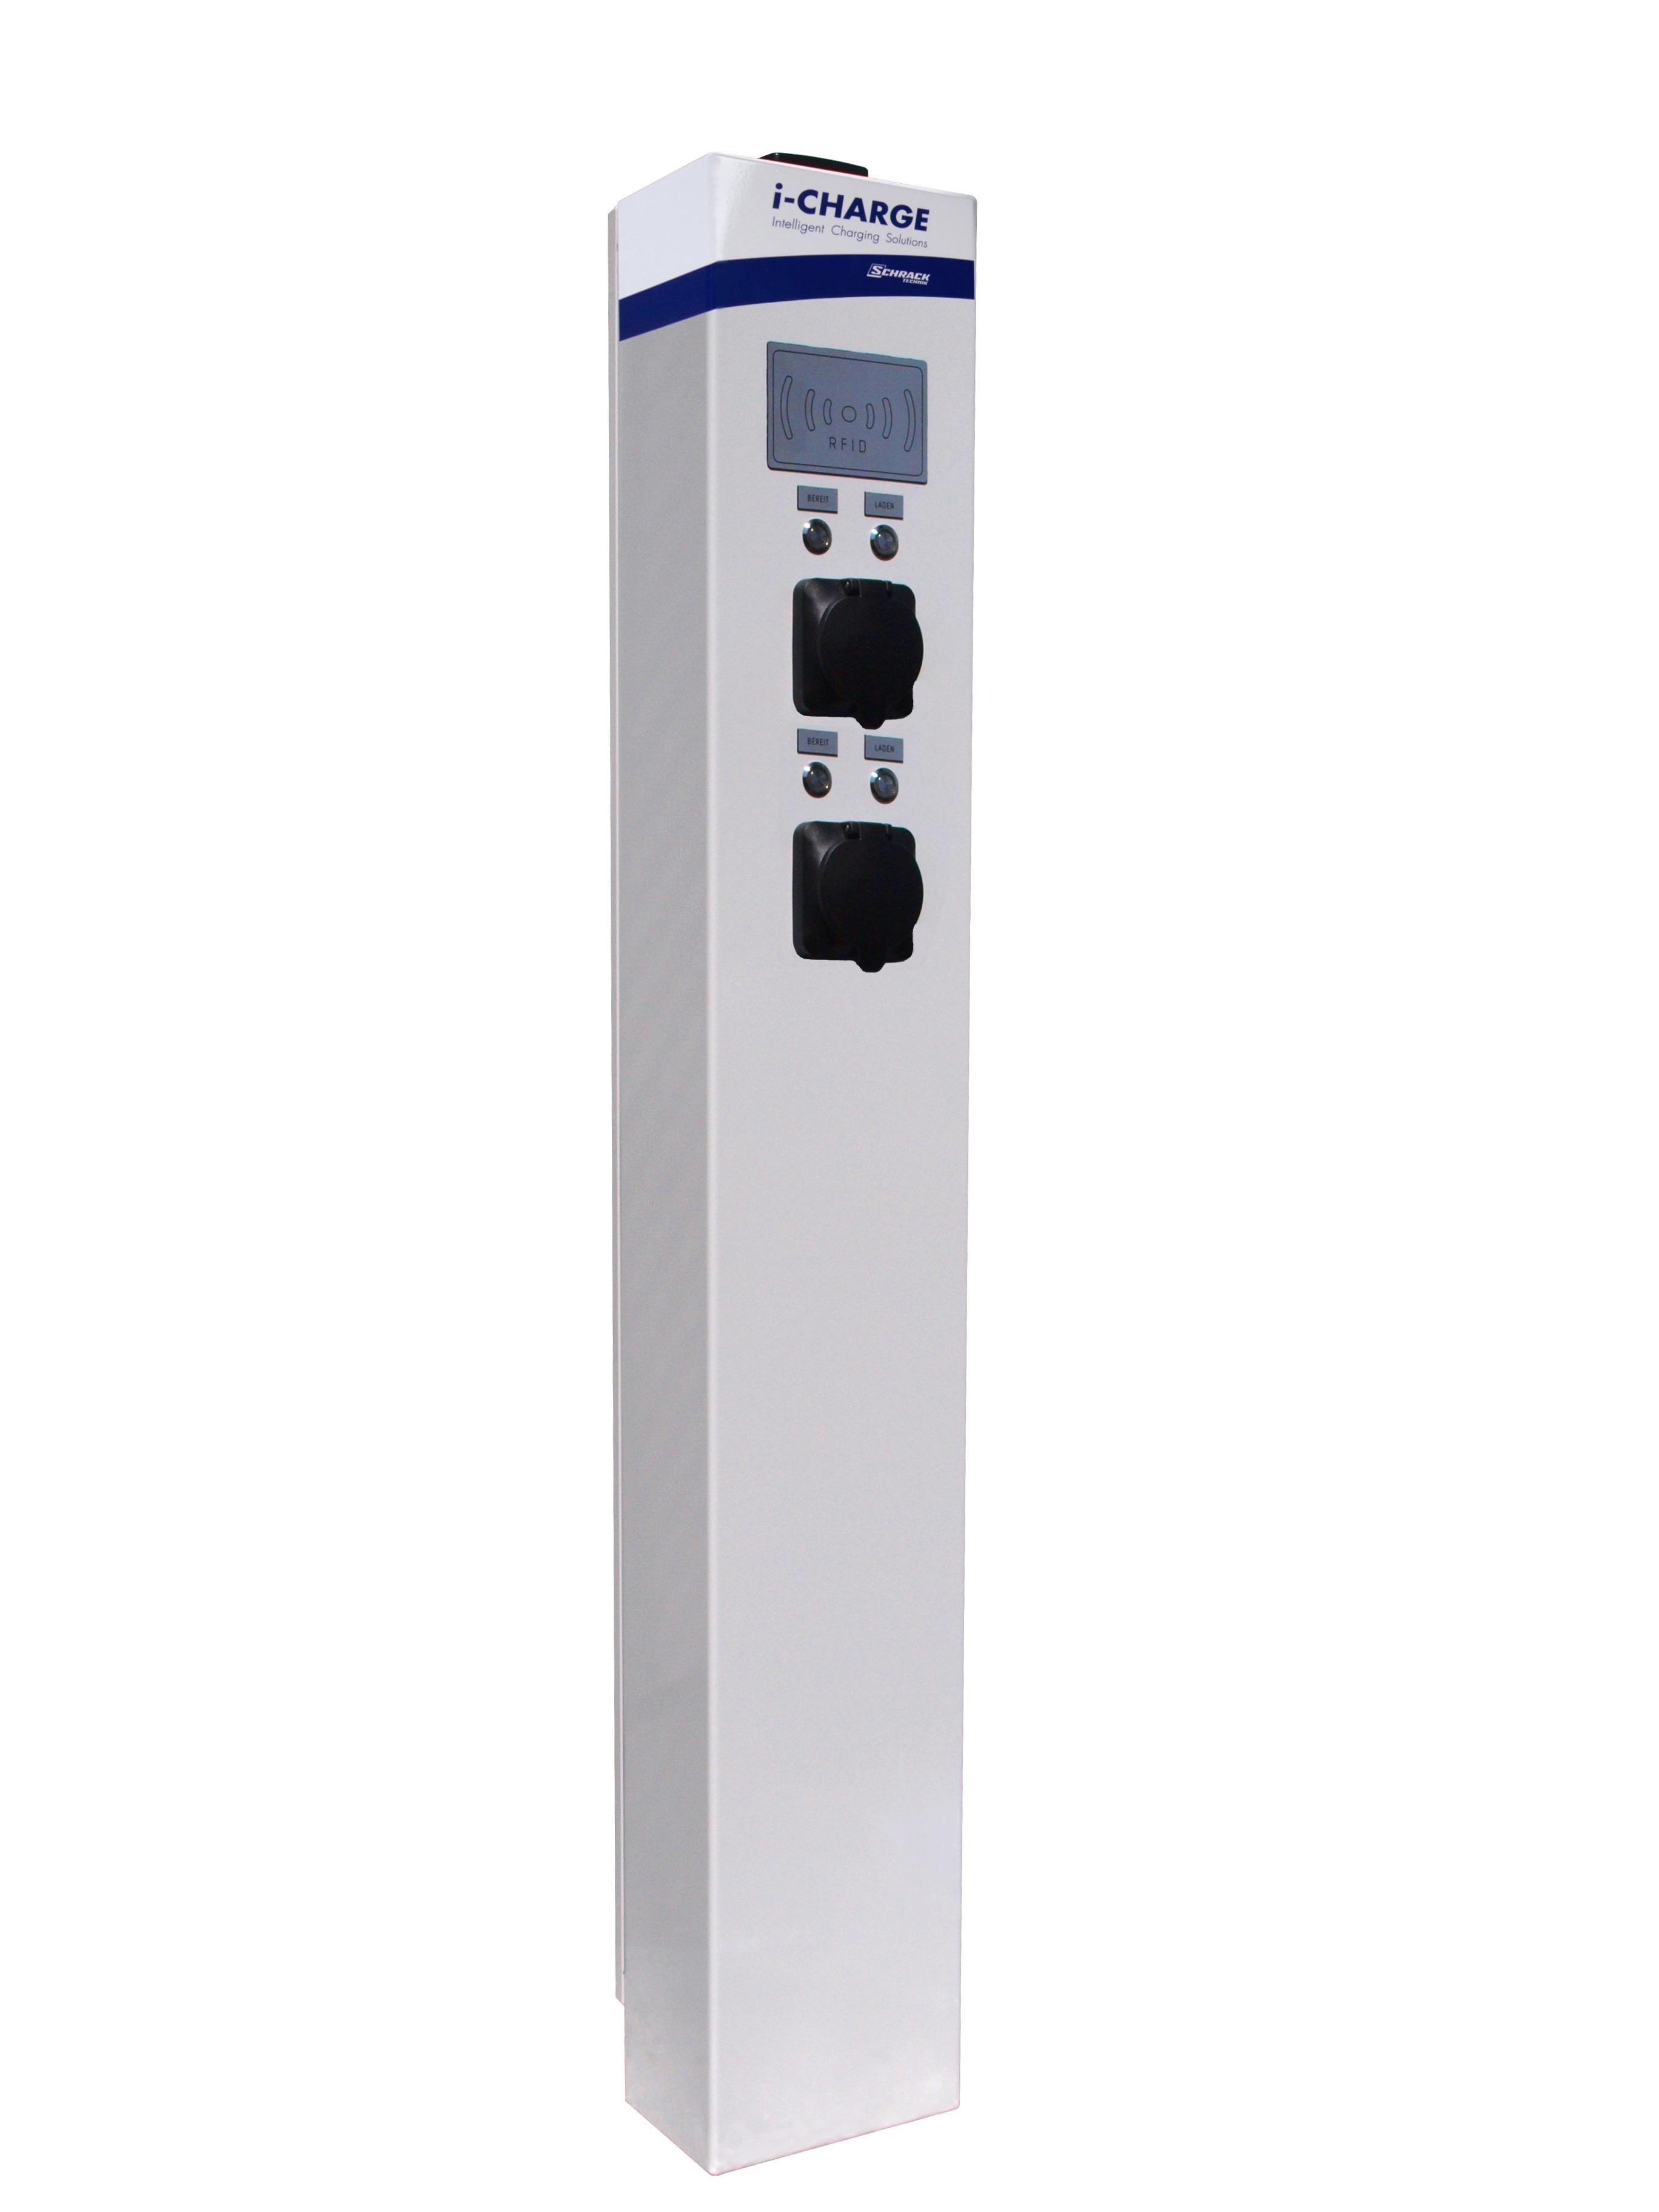 1 Stk i-CHARGE PUBLIC 200, 2xTyp2 11-22kW, Edelstahl, LSFI, online EMPUB029O-